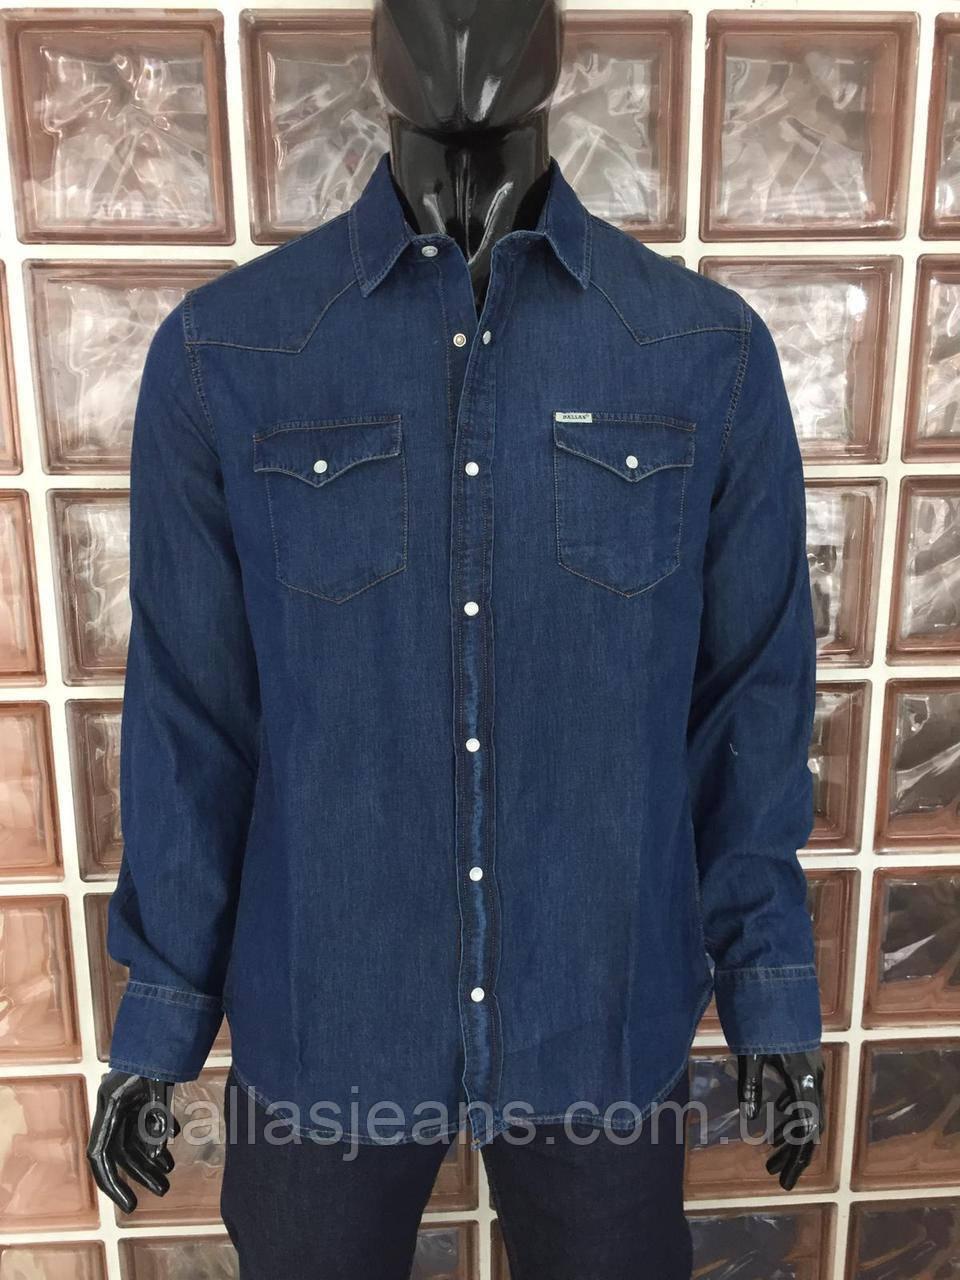 c26af5629fa Рубашка мужская джинсовая DALLAS JEANS Размер M - DALLAS JEANS в Одессе